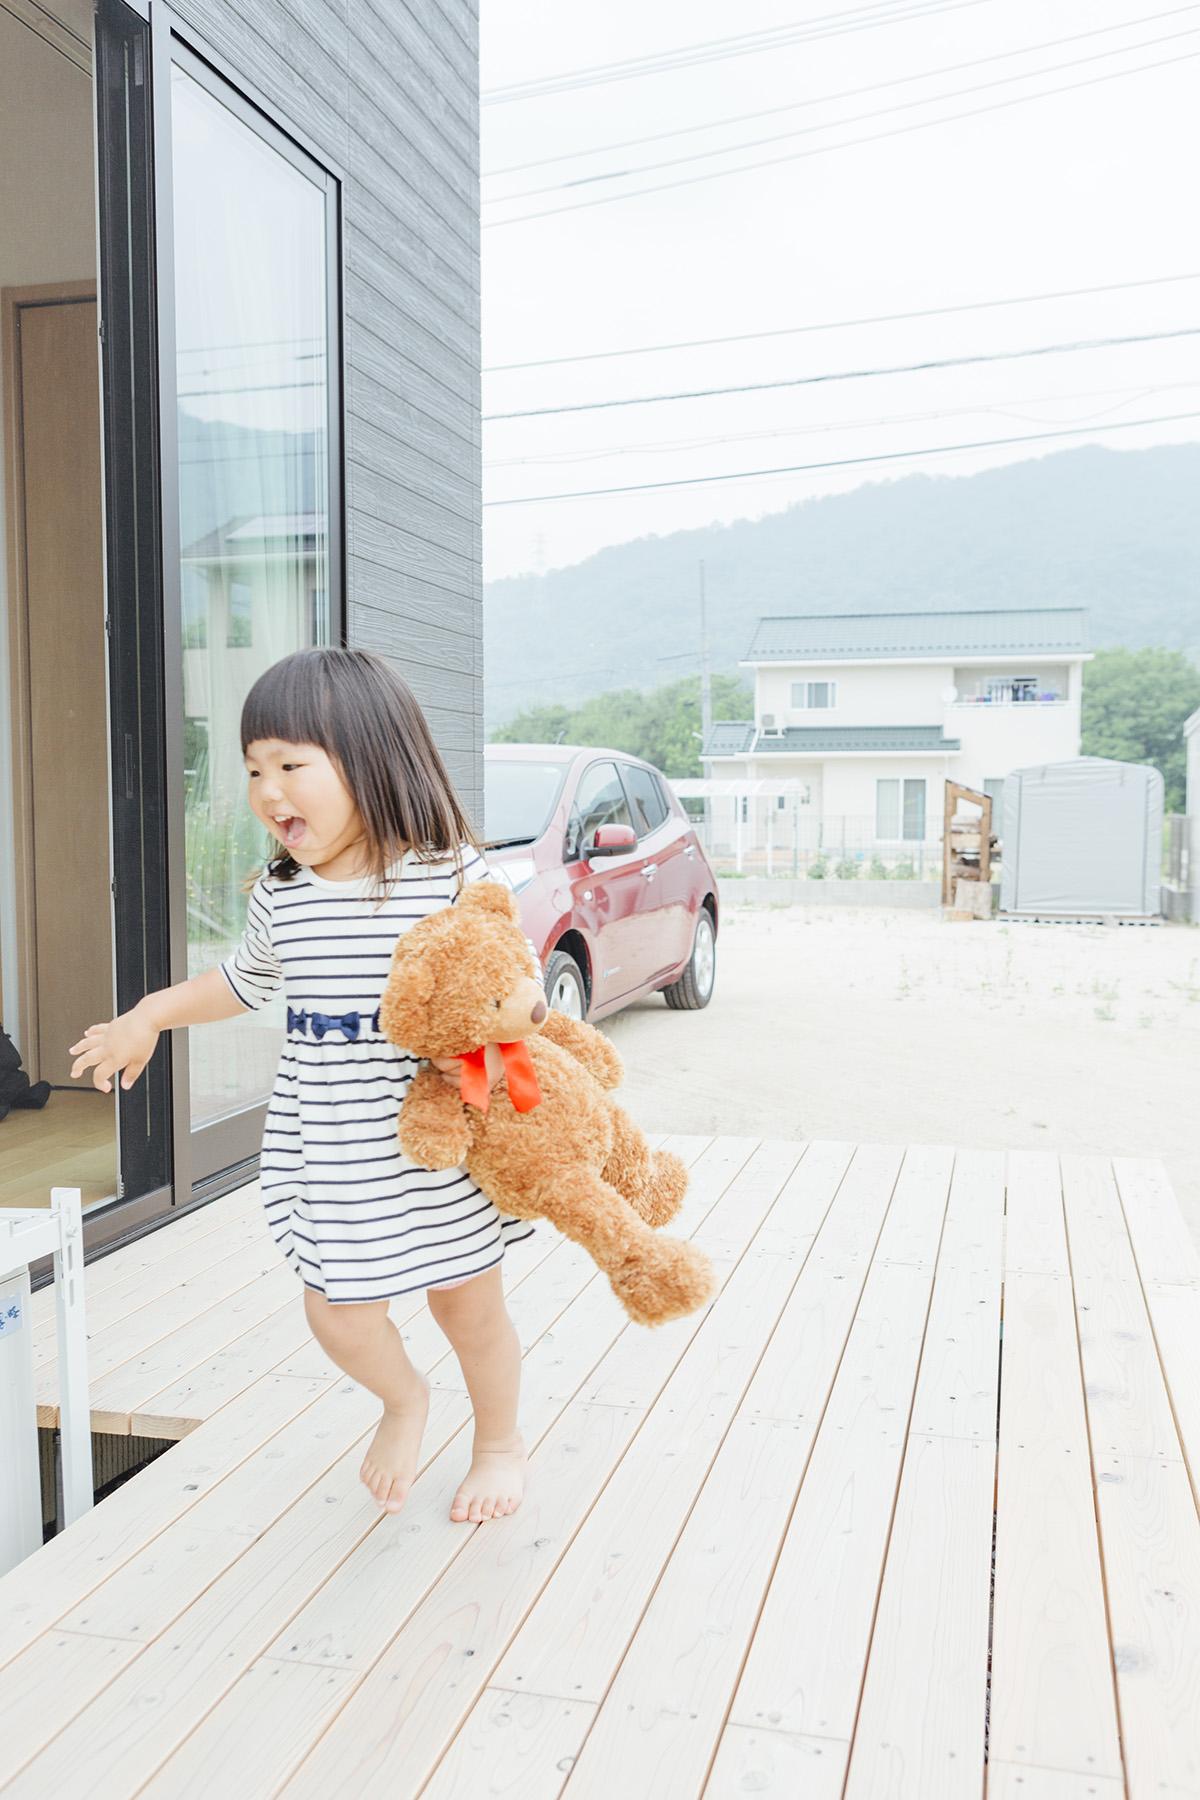 リビングにつながるウッドデッキ。家を建ててからは遊ぶ場所が増え、お子さまが笑顔で走り回るのが日常だそう。